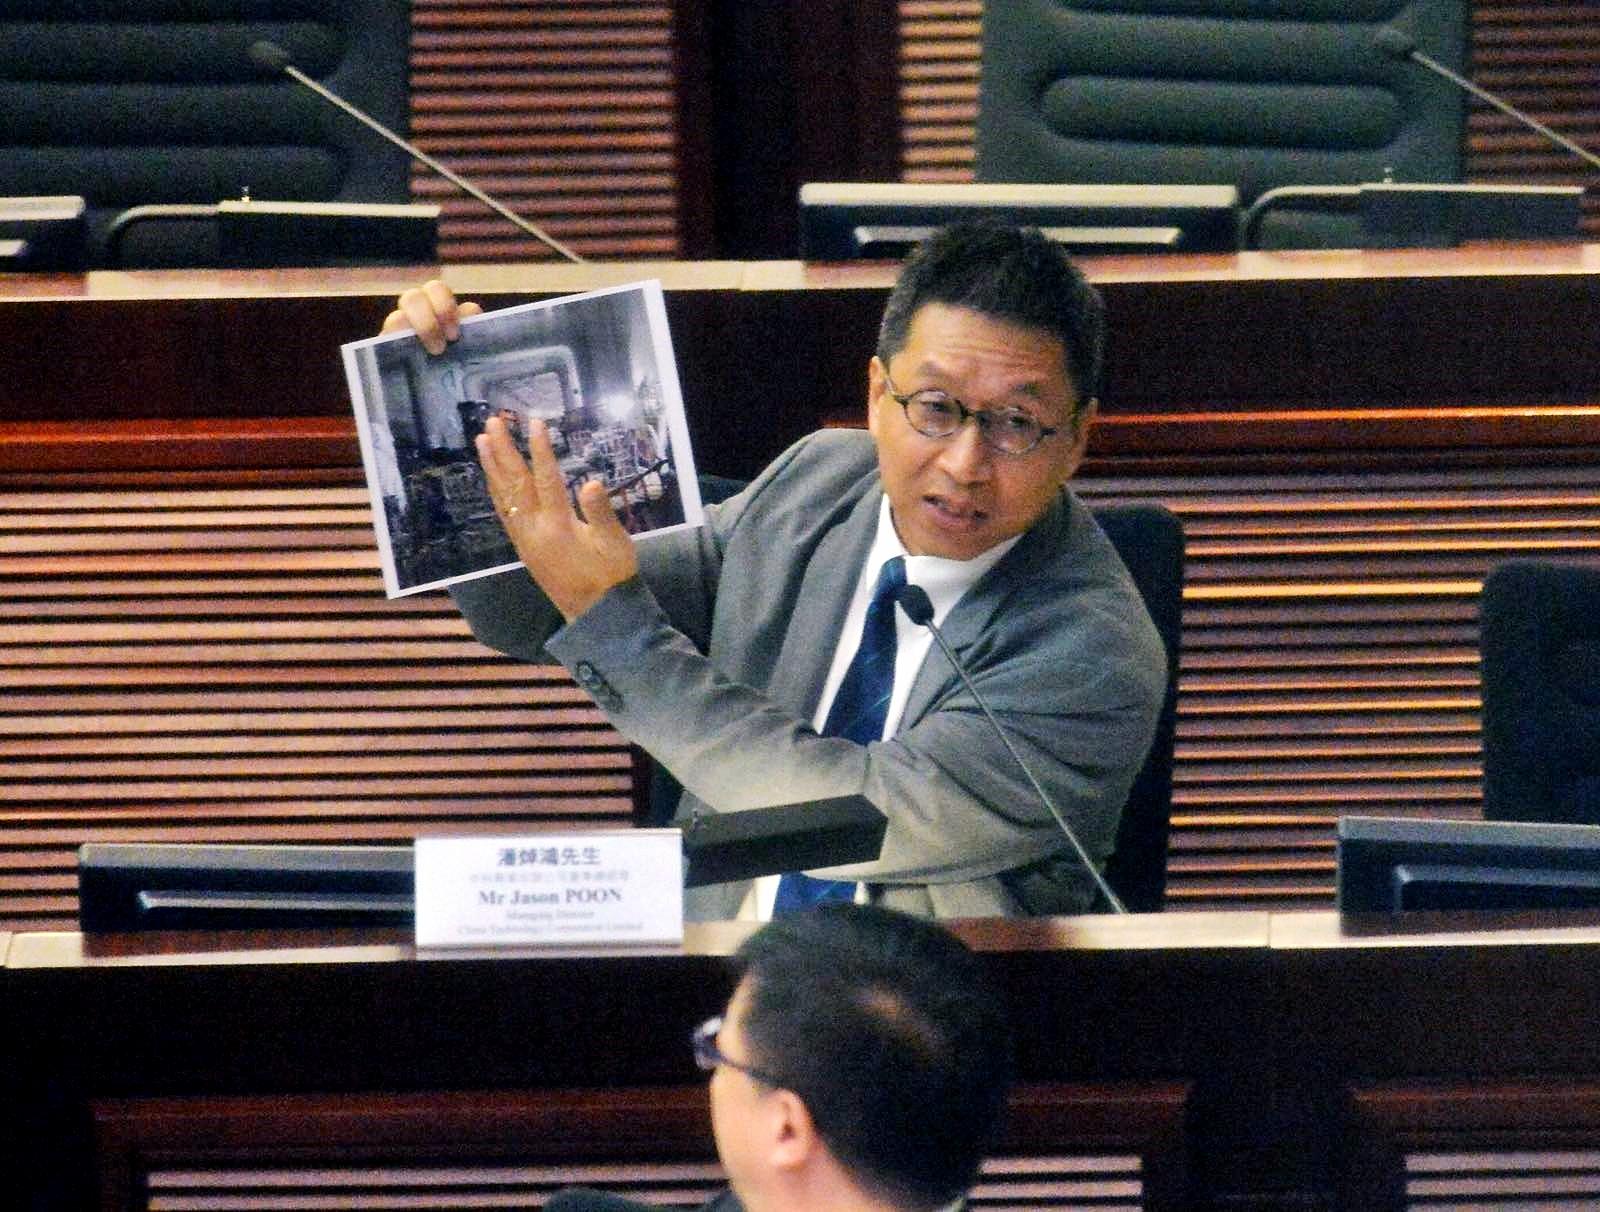 中科興業董事總經理潘焯鴻在會上指港鐵於2015年已知道沙中線工程問題。